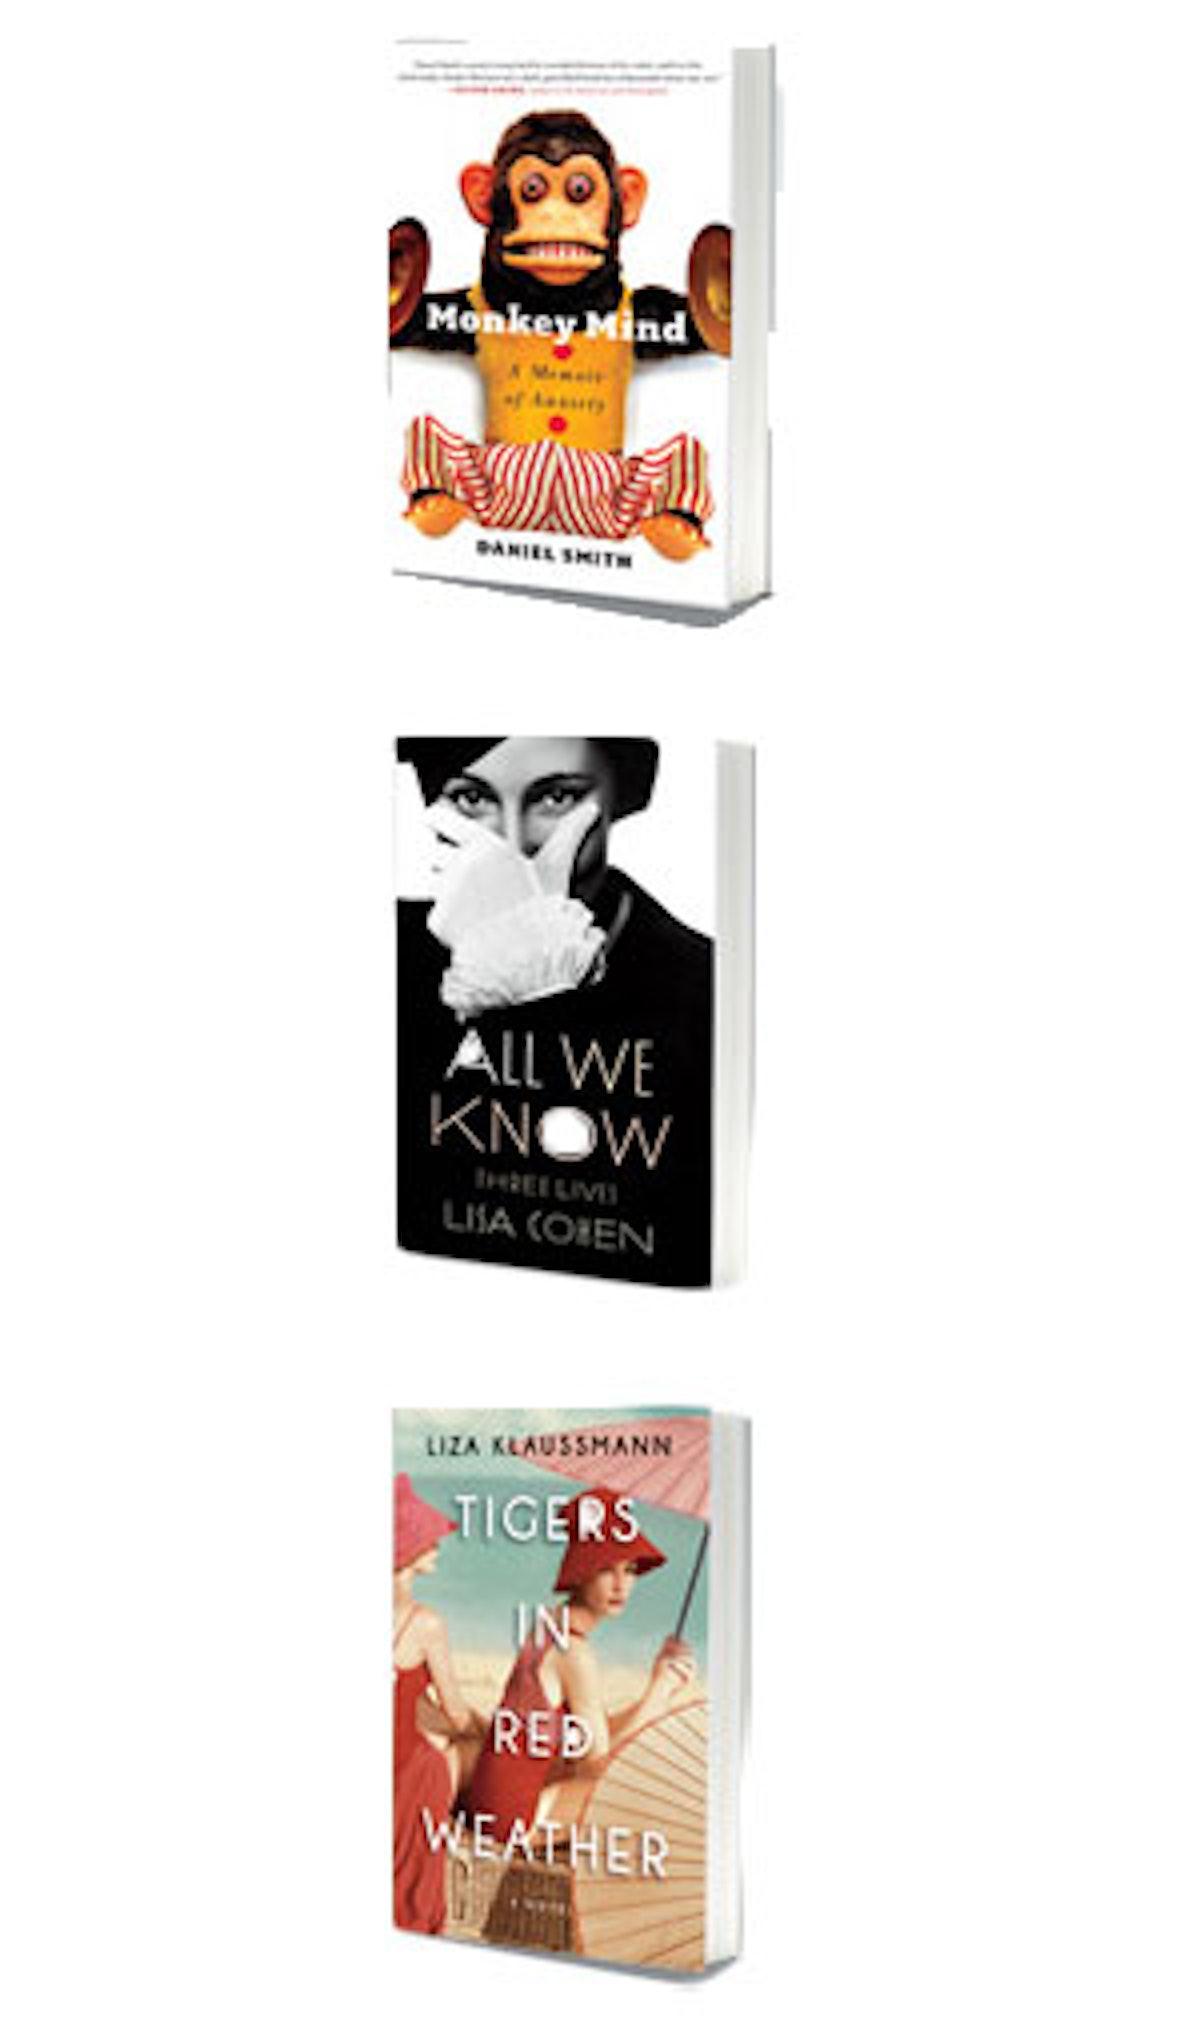 arar-book-recommendations-v.jpg